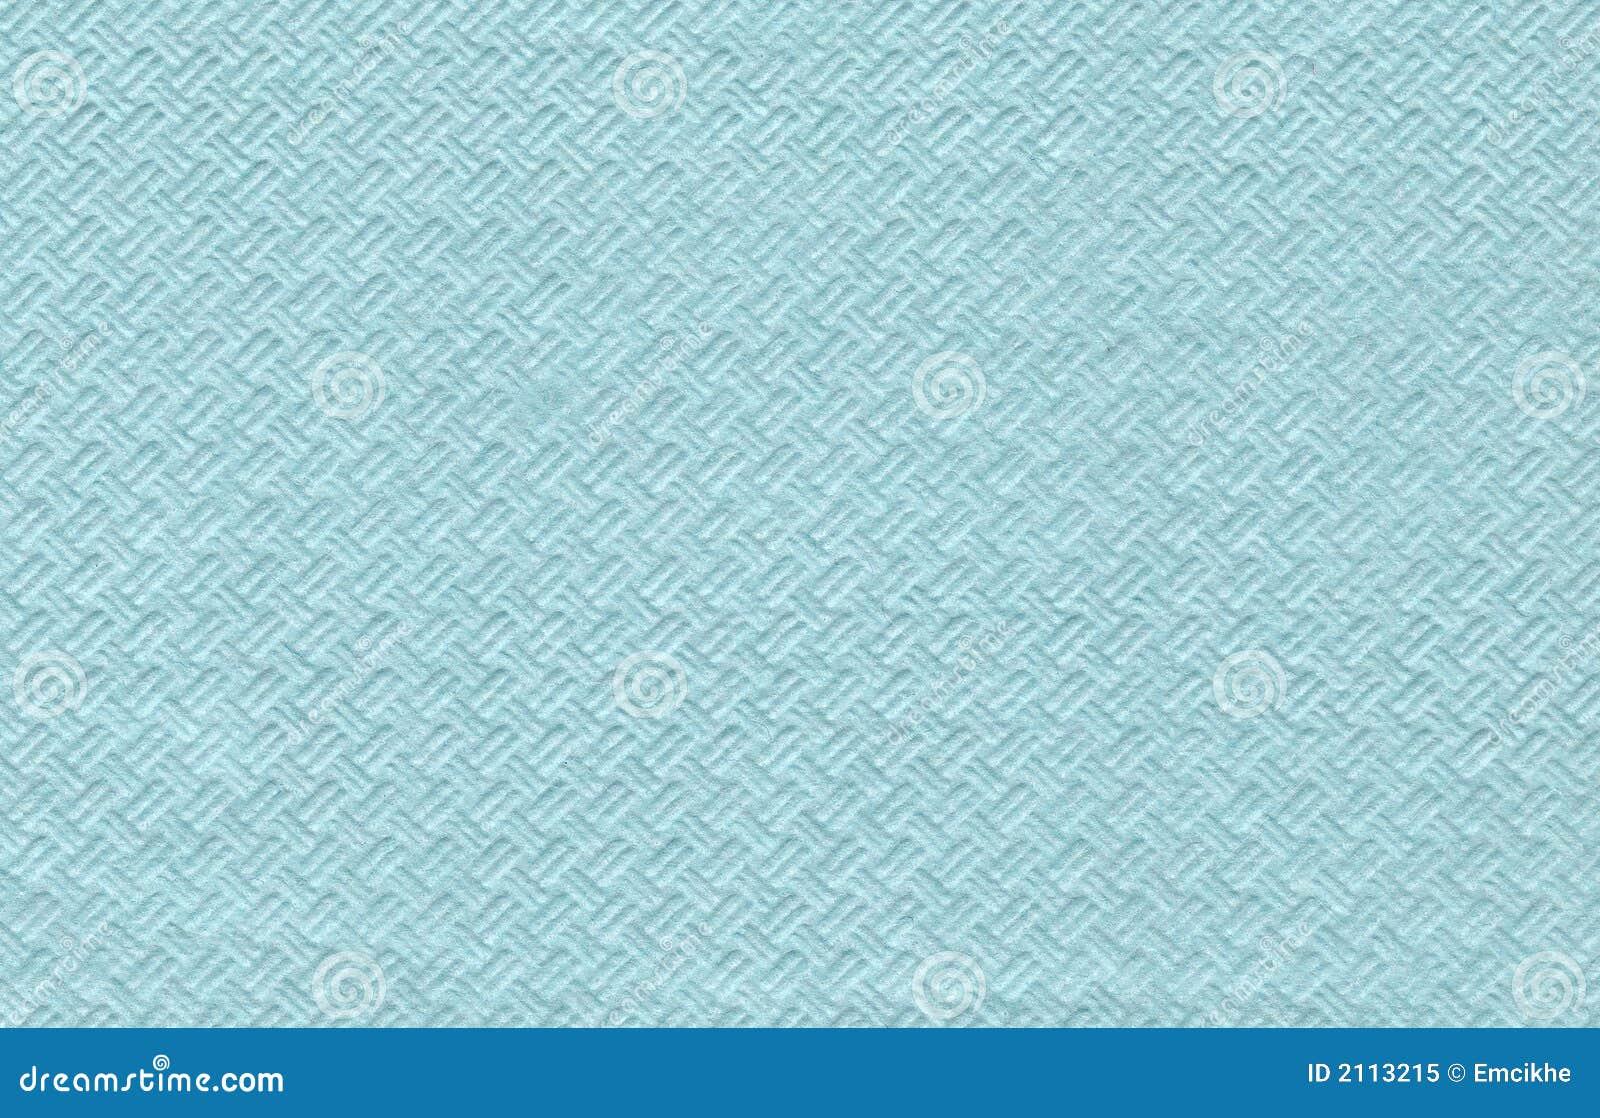 Guardanapo de papel azul